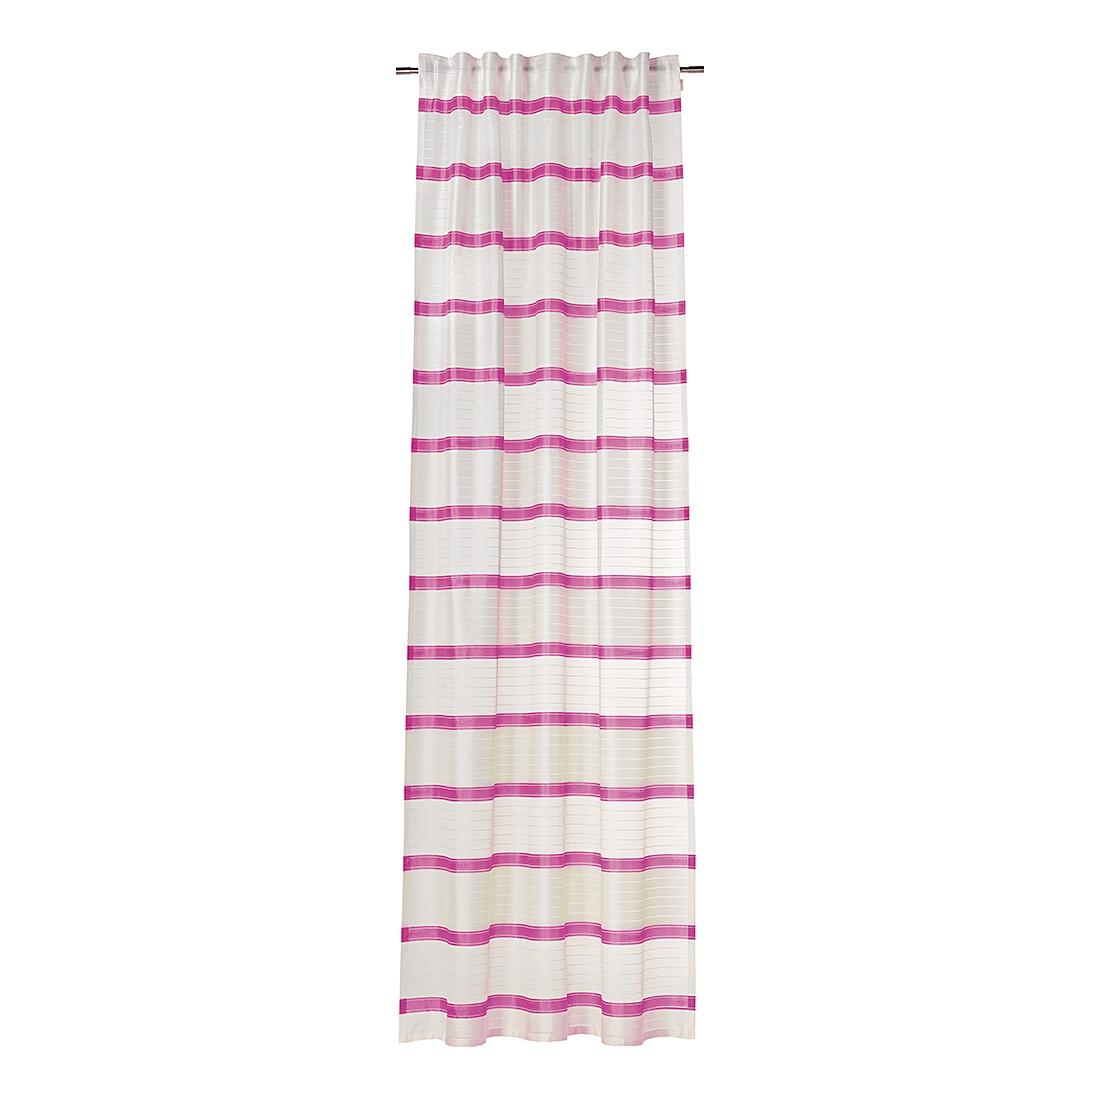 Dekoschal Clearly – Pink, Esprit Home günstig online kaufen